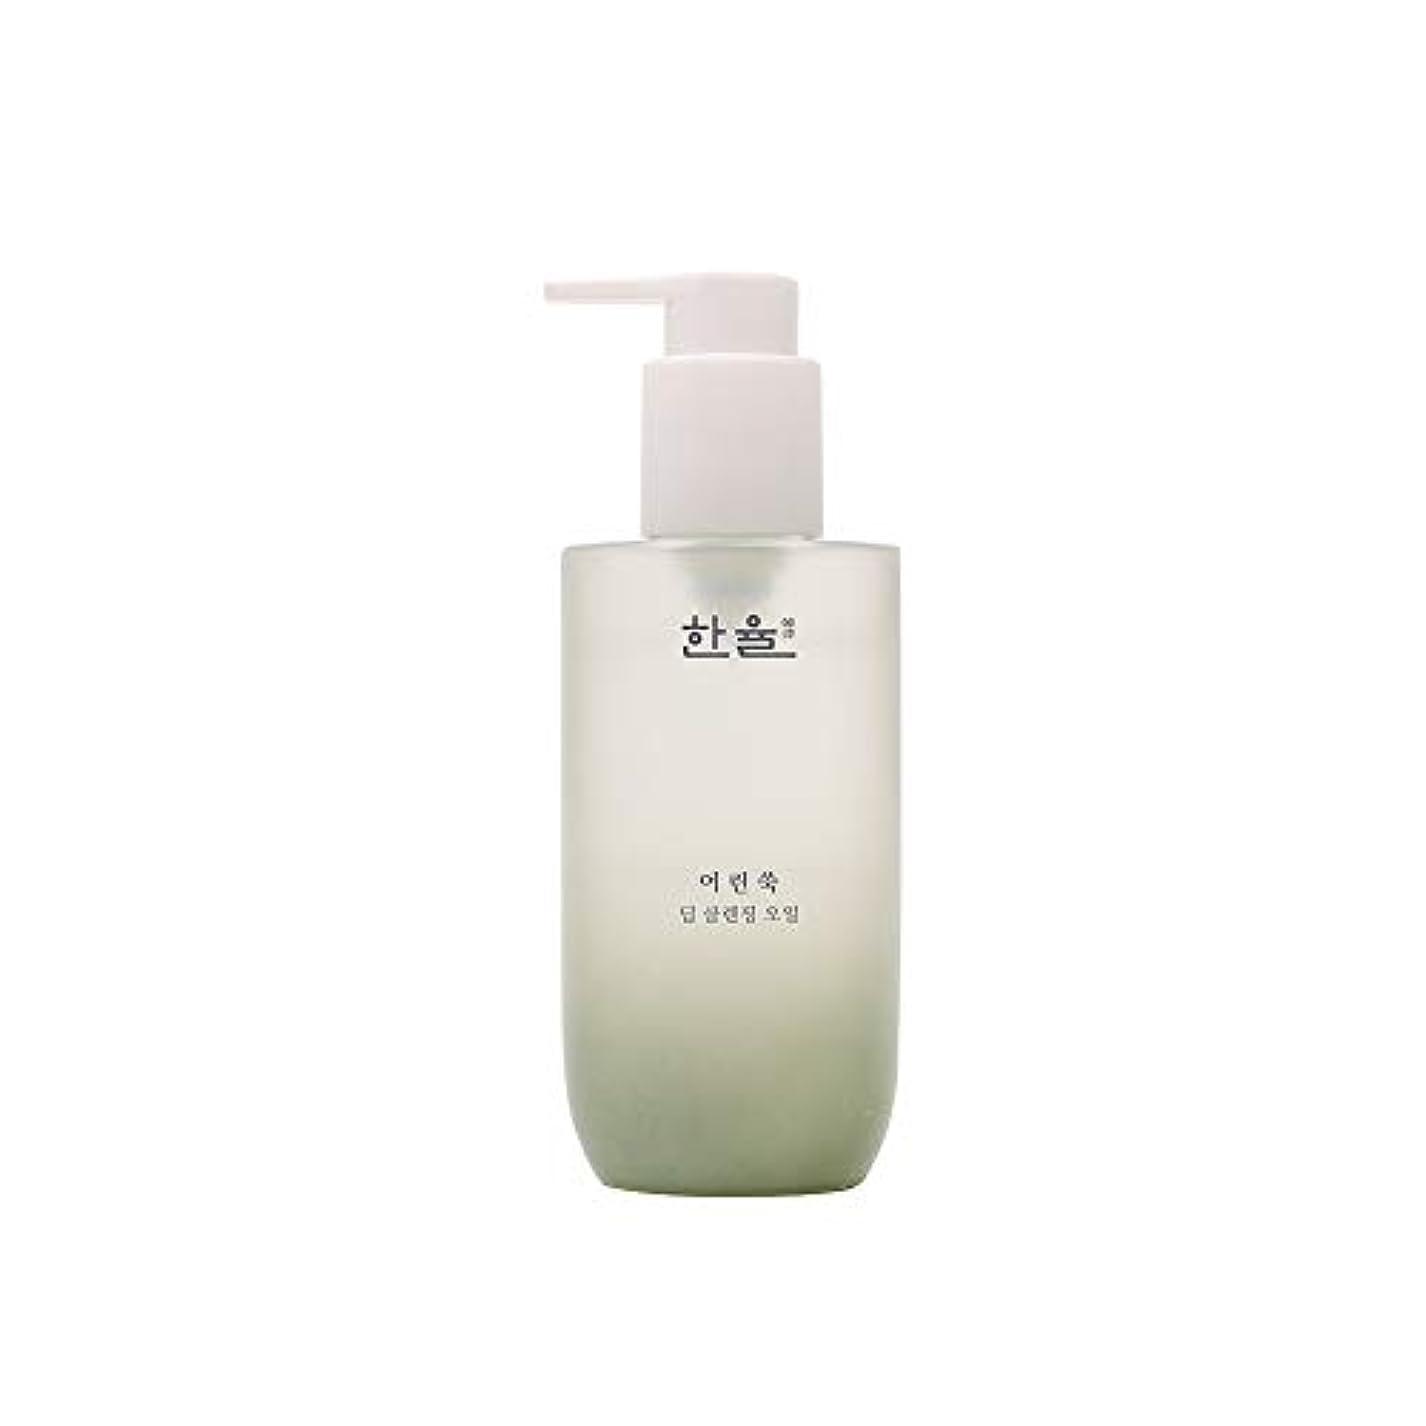 葉おめでとうクライアント【HANYUL公式】 ハンユル ヨモギディープクレンジングオイル 200ml / Hanyul Pure Artemisia Deep cleansing oil 200ml